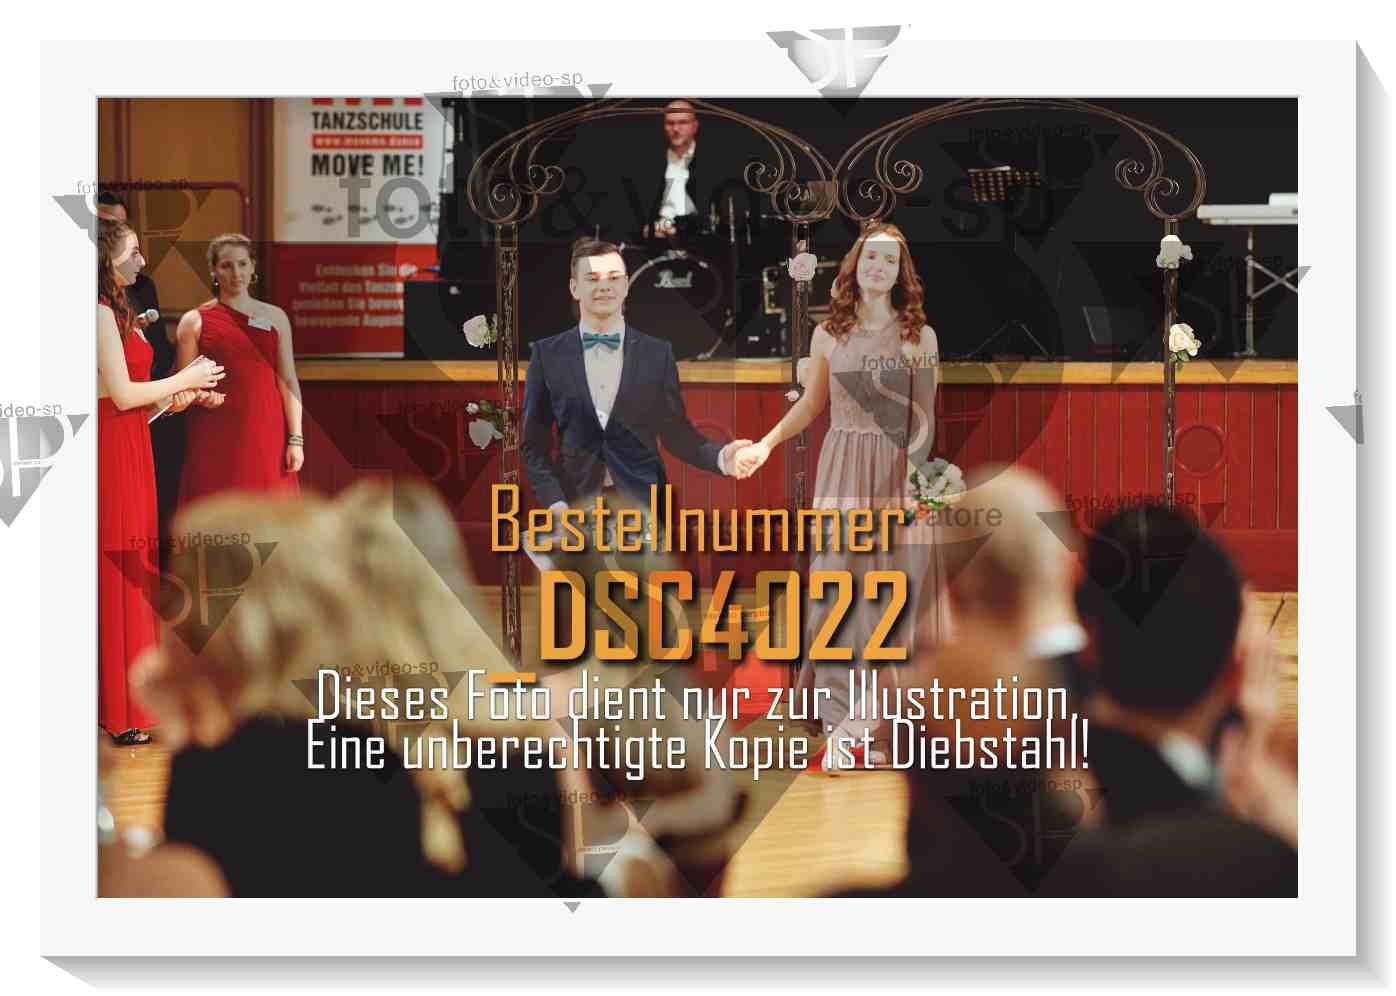 DSC4022